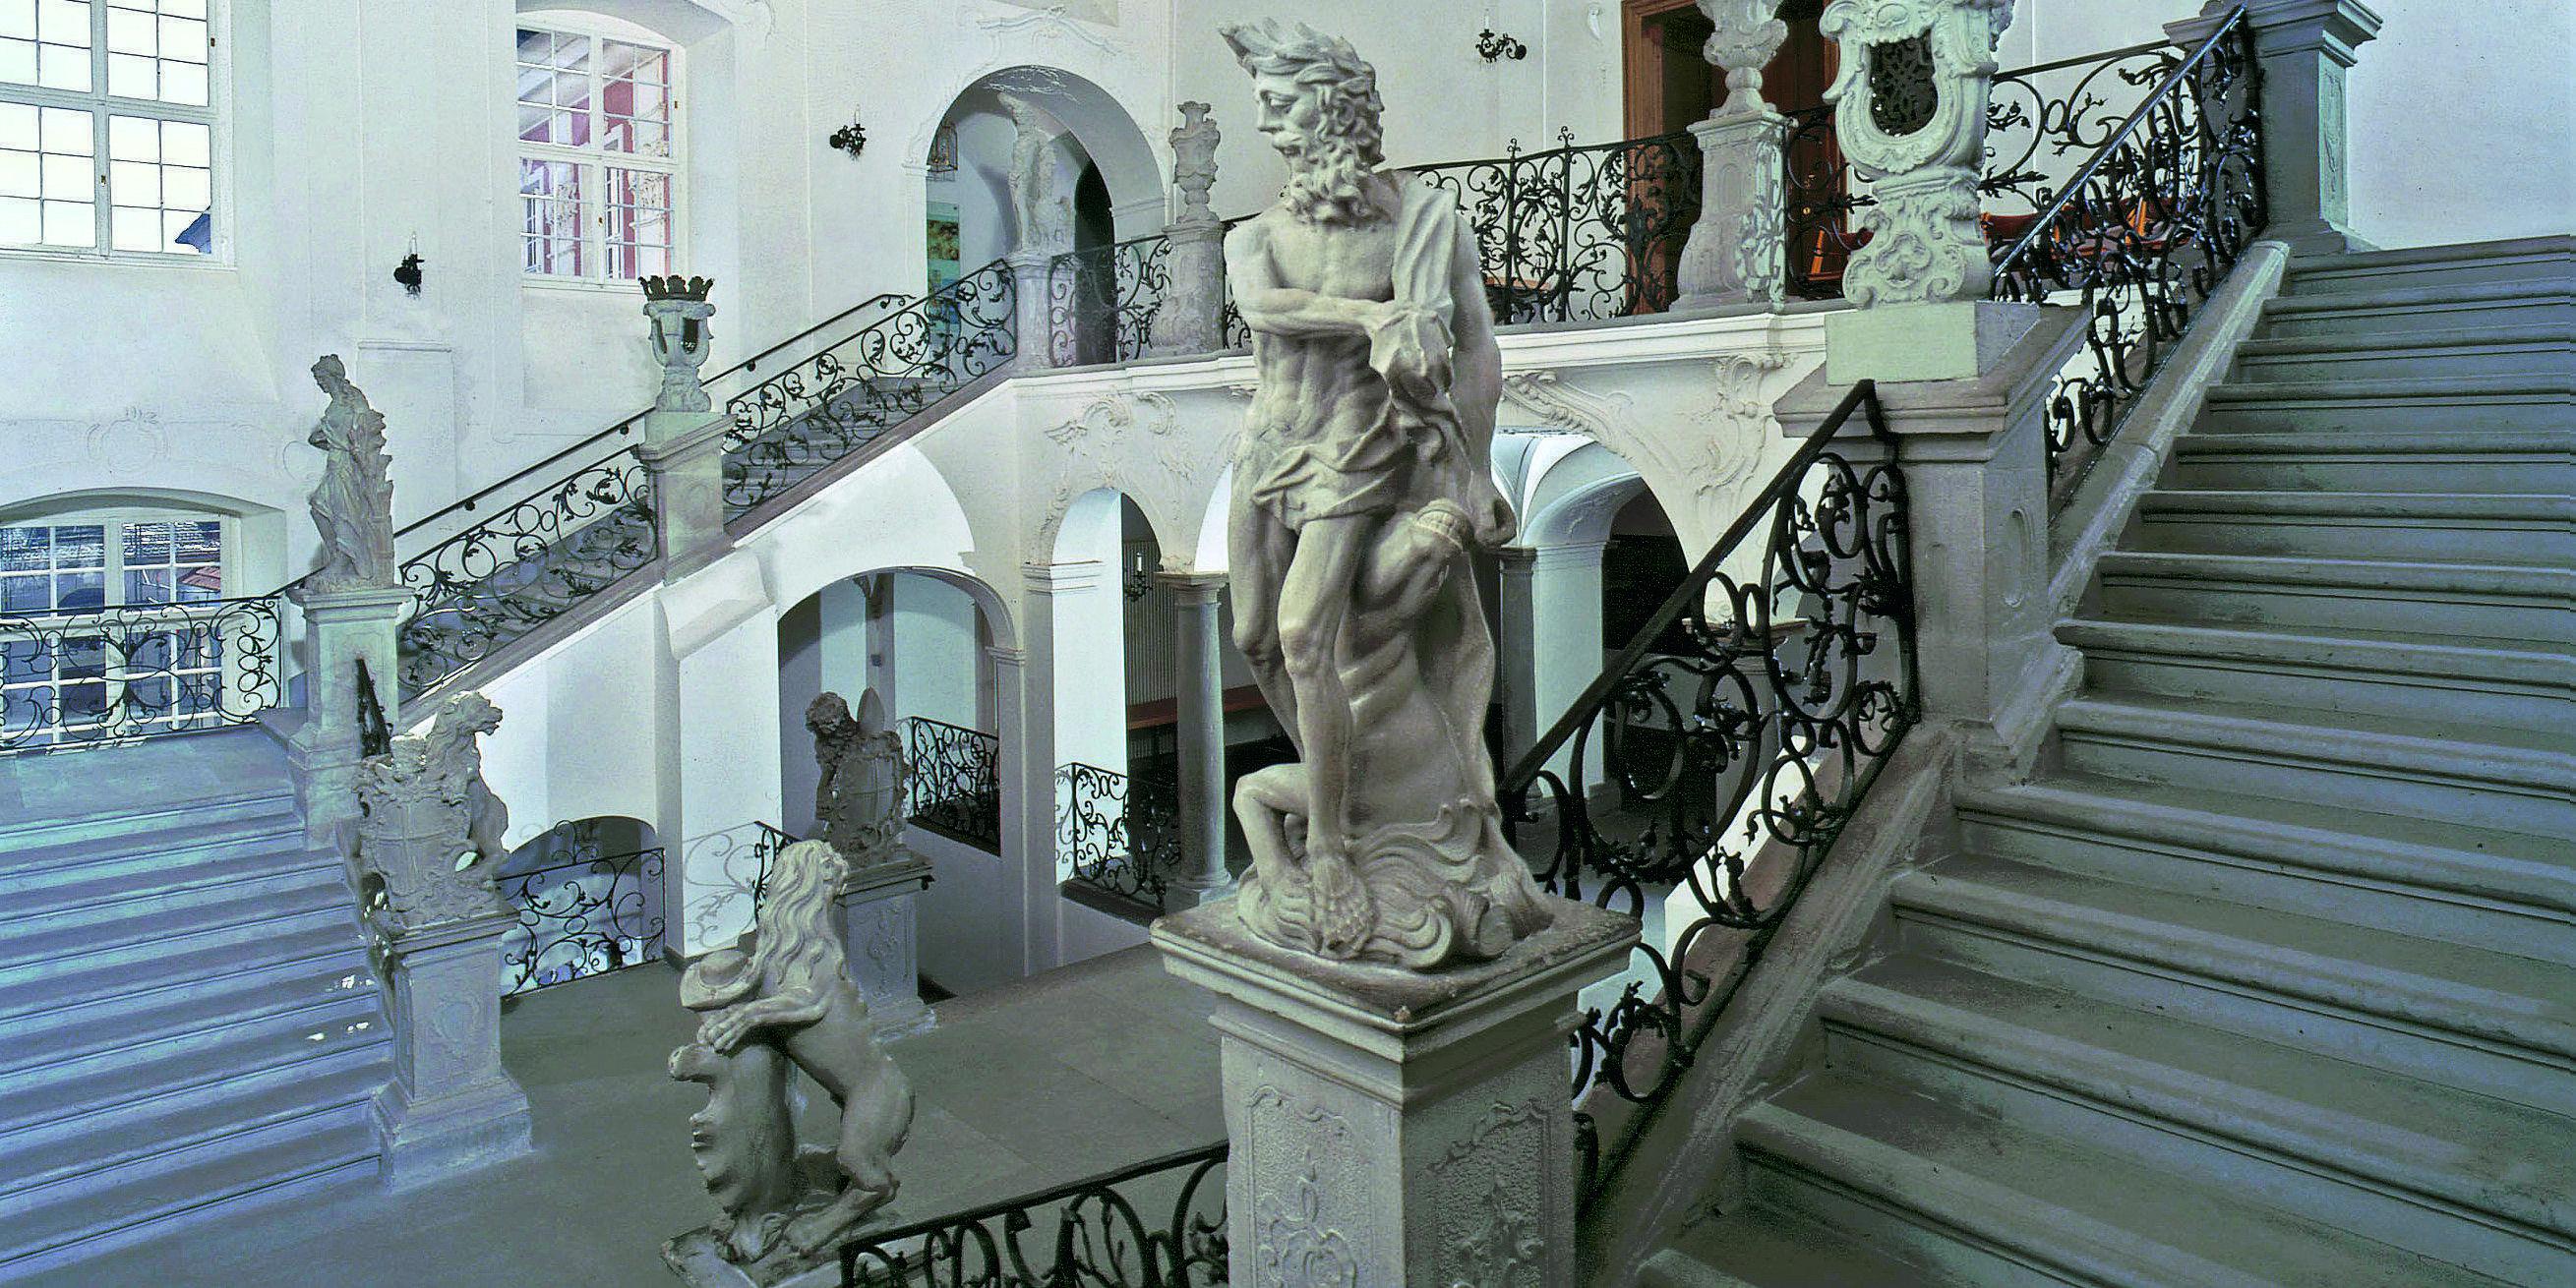 Treppenhaus im Neuen Schloss Meersburg; Foto: Staatliche Schlösser und Gärten Baden-Württemberg, Arnim Weischer